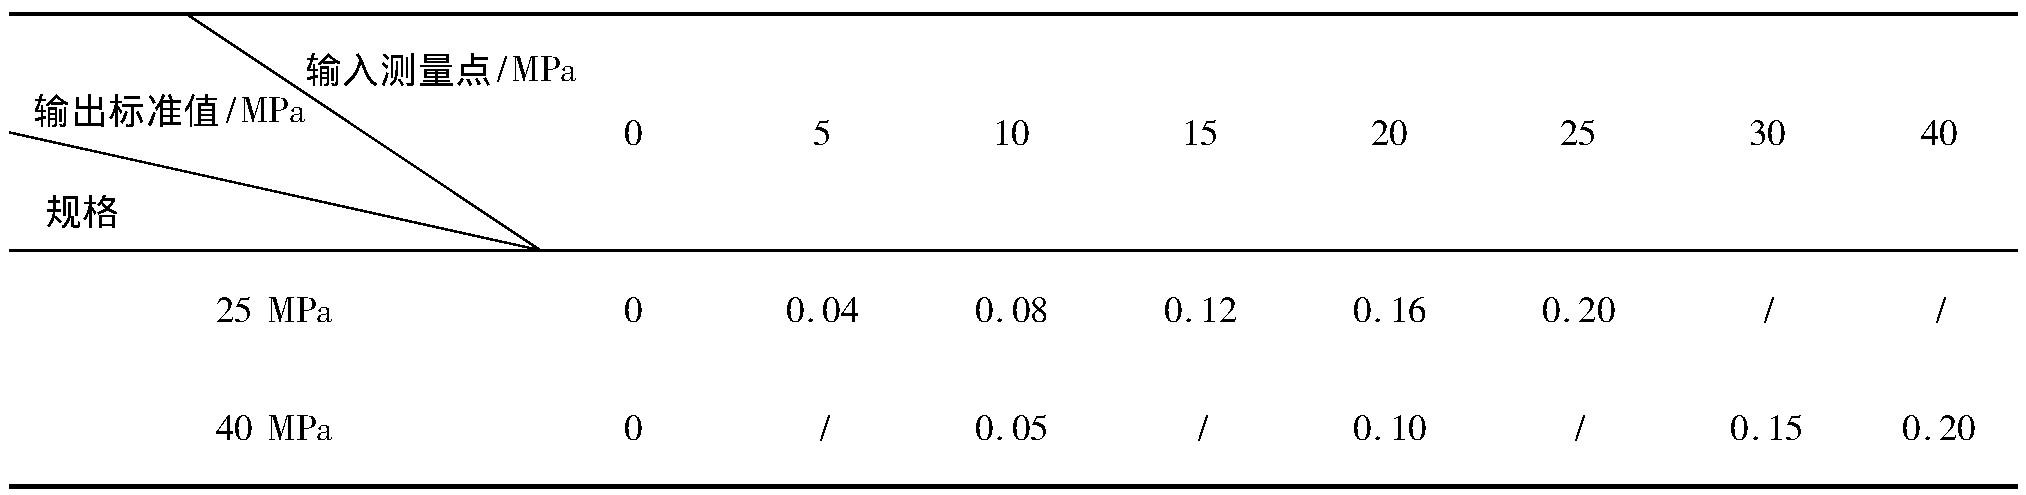 表1 压力转化值对应关系